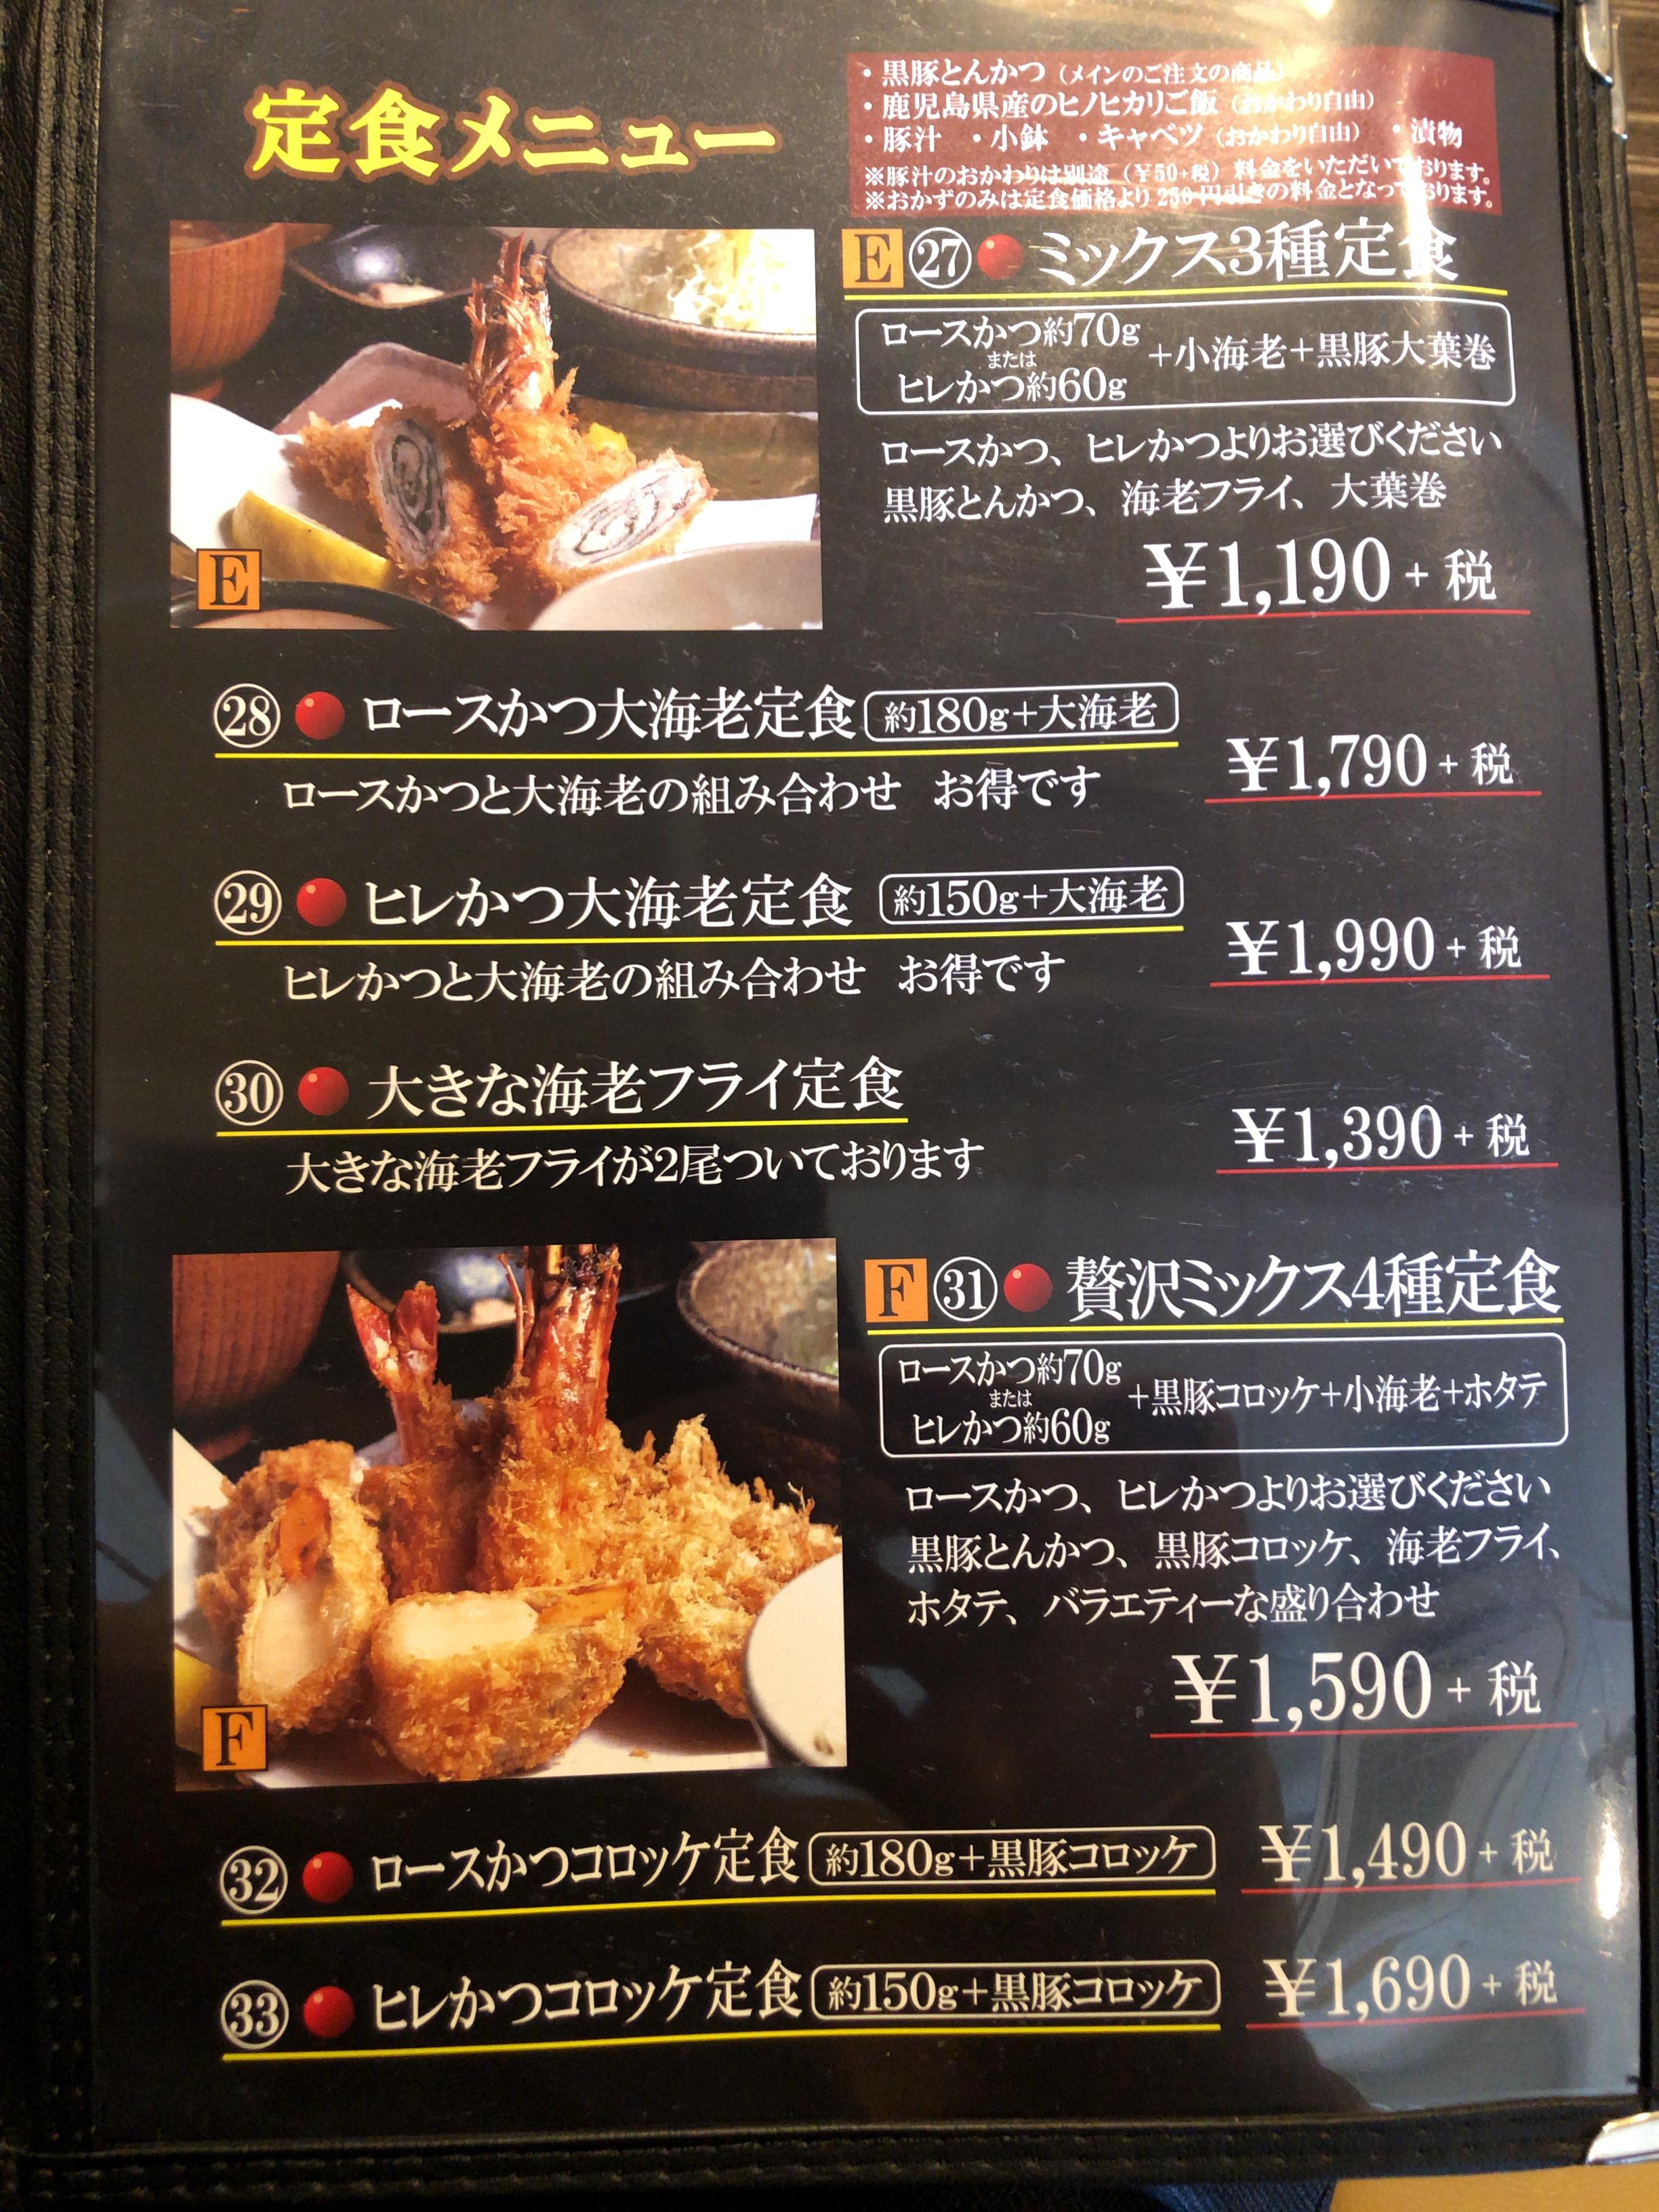 メニュー 黒豚とんかつ専門店 黒かつ亭